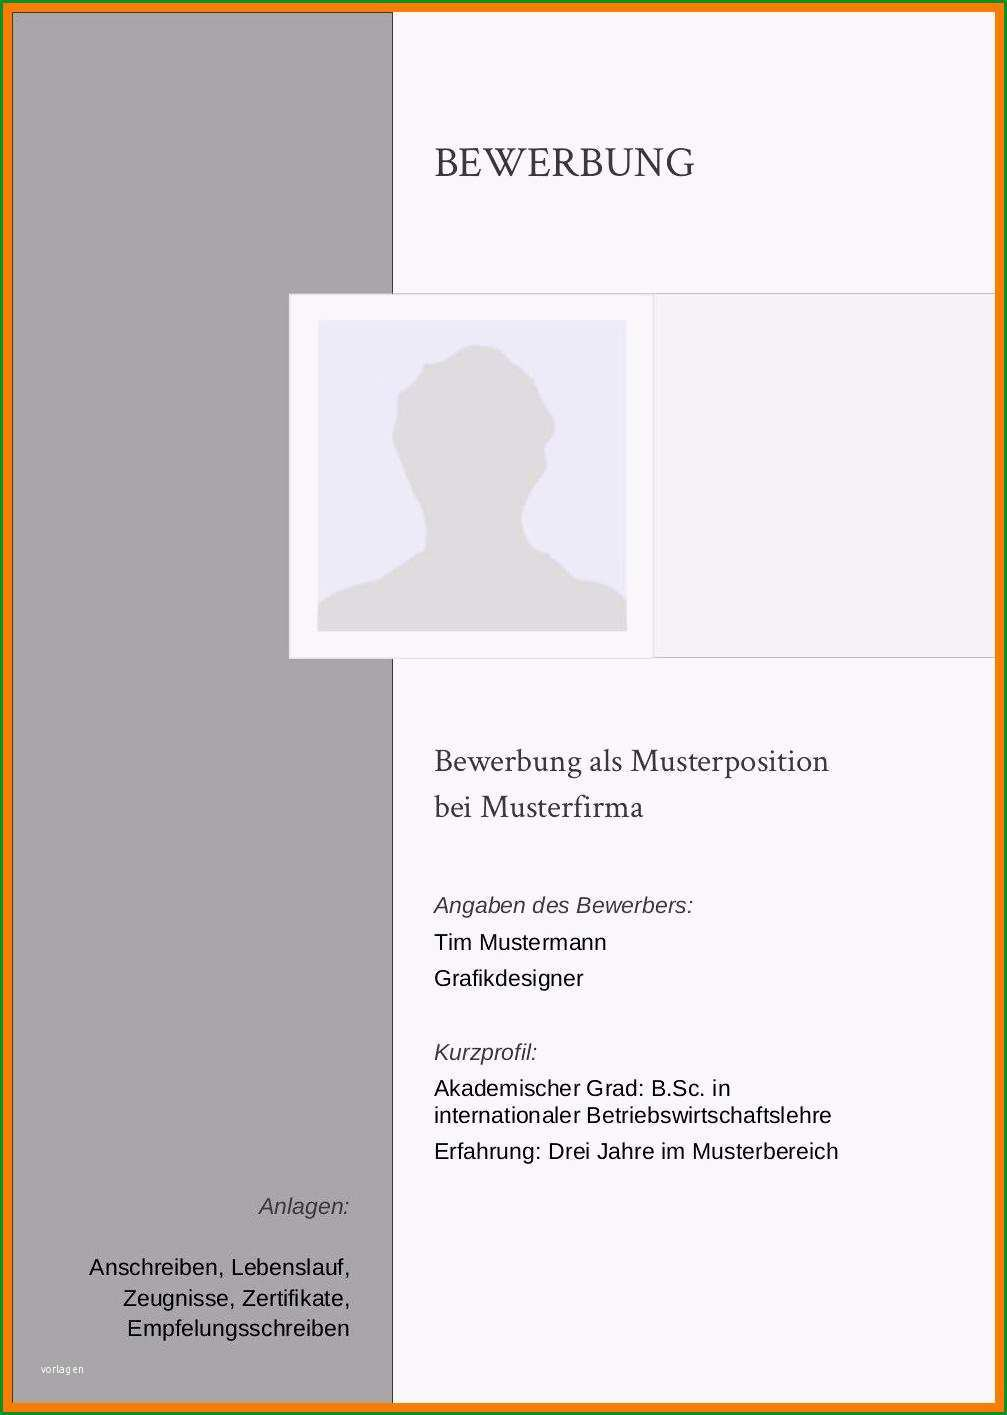 13 bewerbung deckblatt vorlage pdf